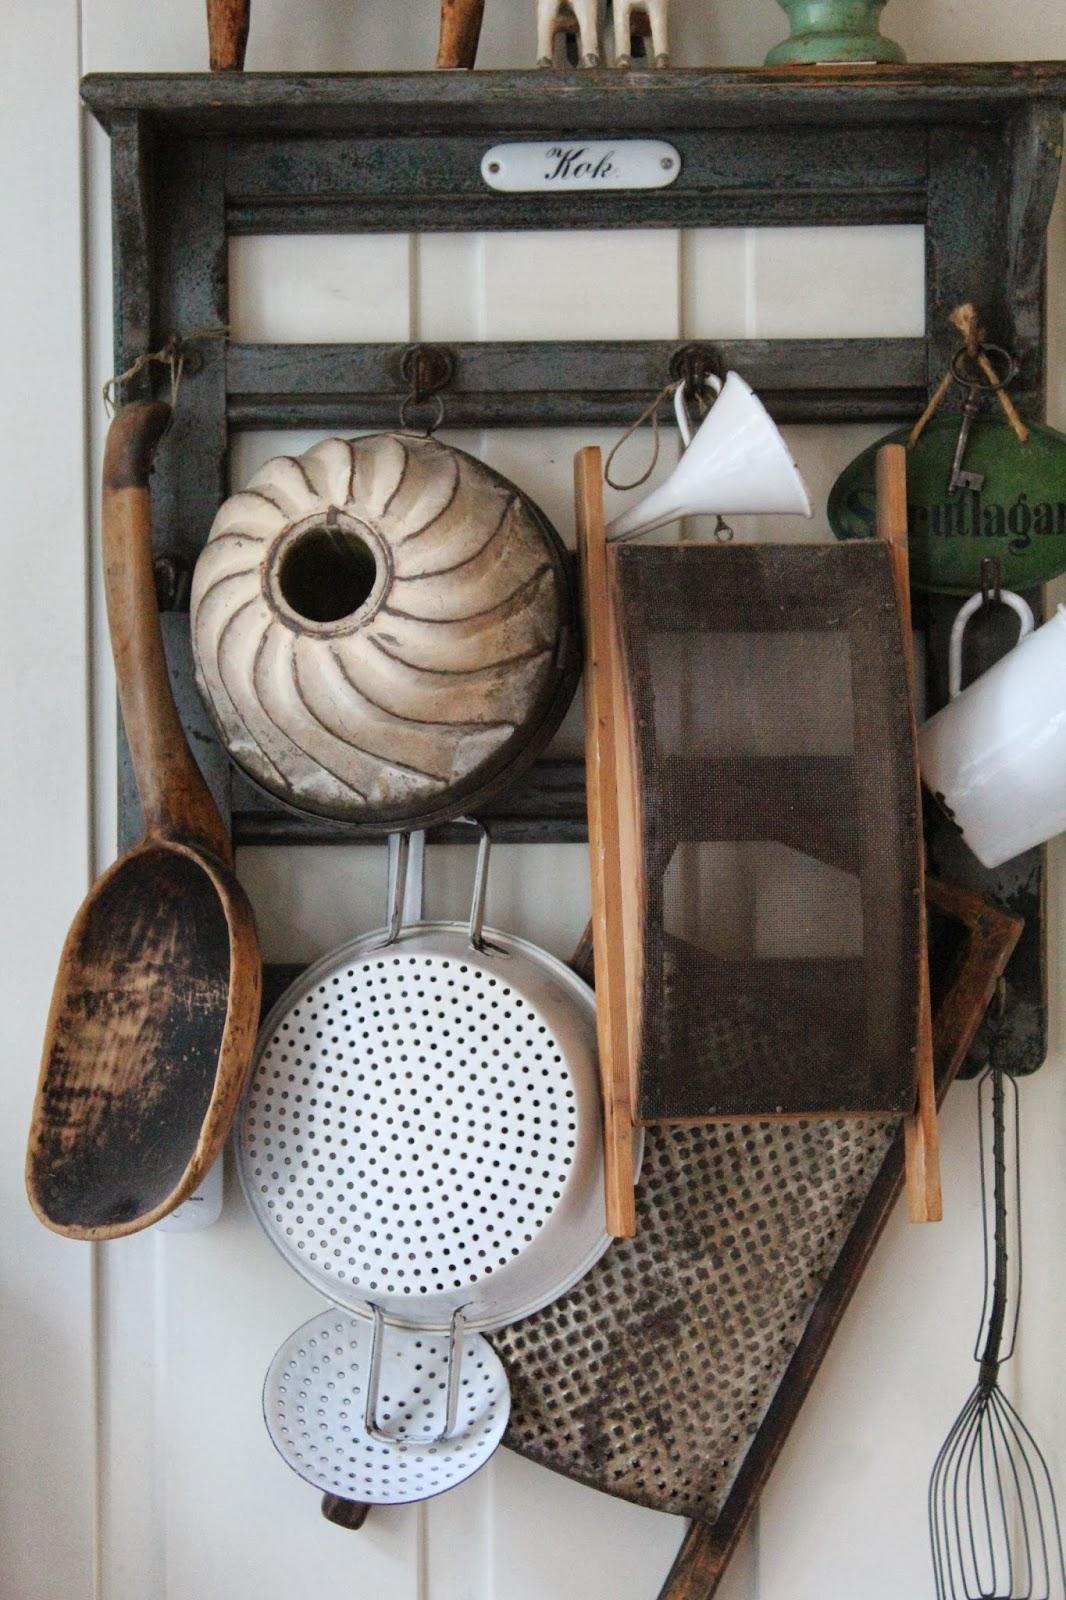 onderdelen zijn te koop bij www.altijdietsmoois.nl rubriek van de zolder